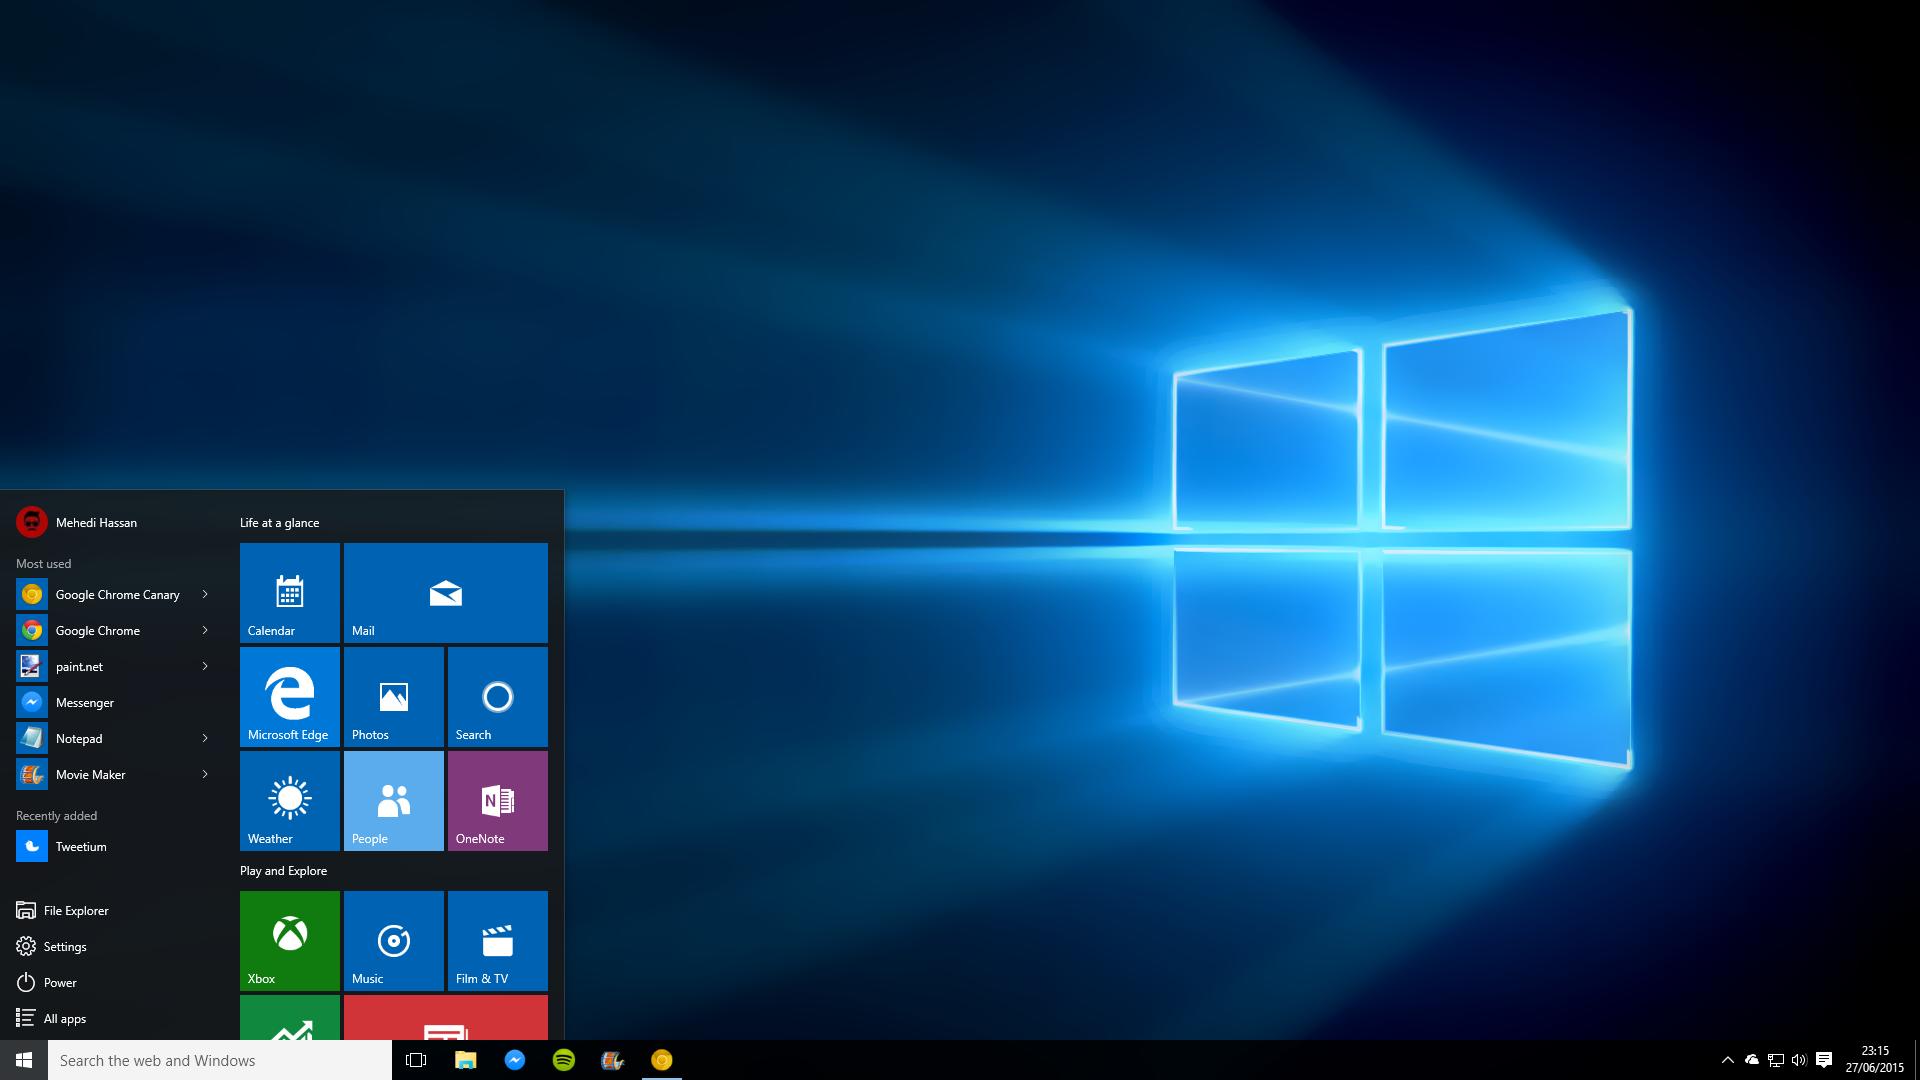 Участники Windows Insider получат доступ к корпоративным функциям Windows 10 в этом месяце